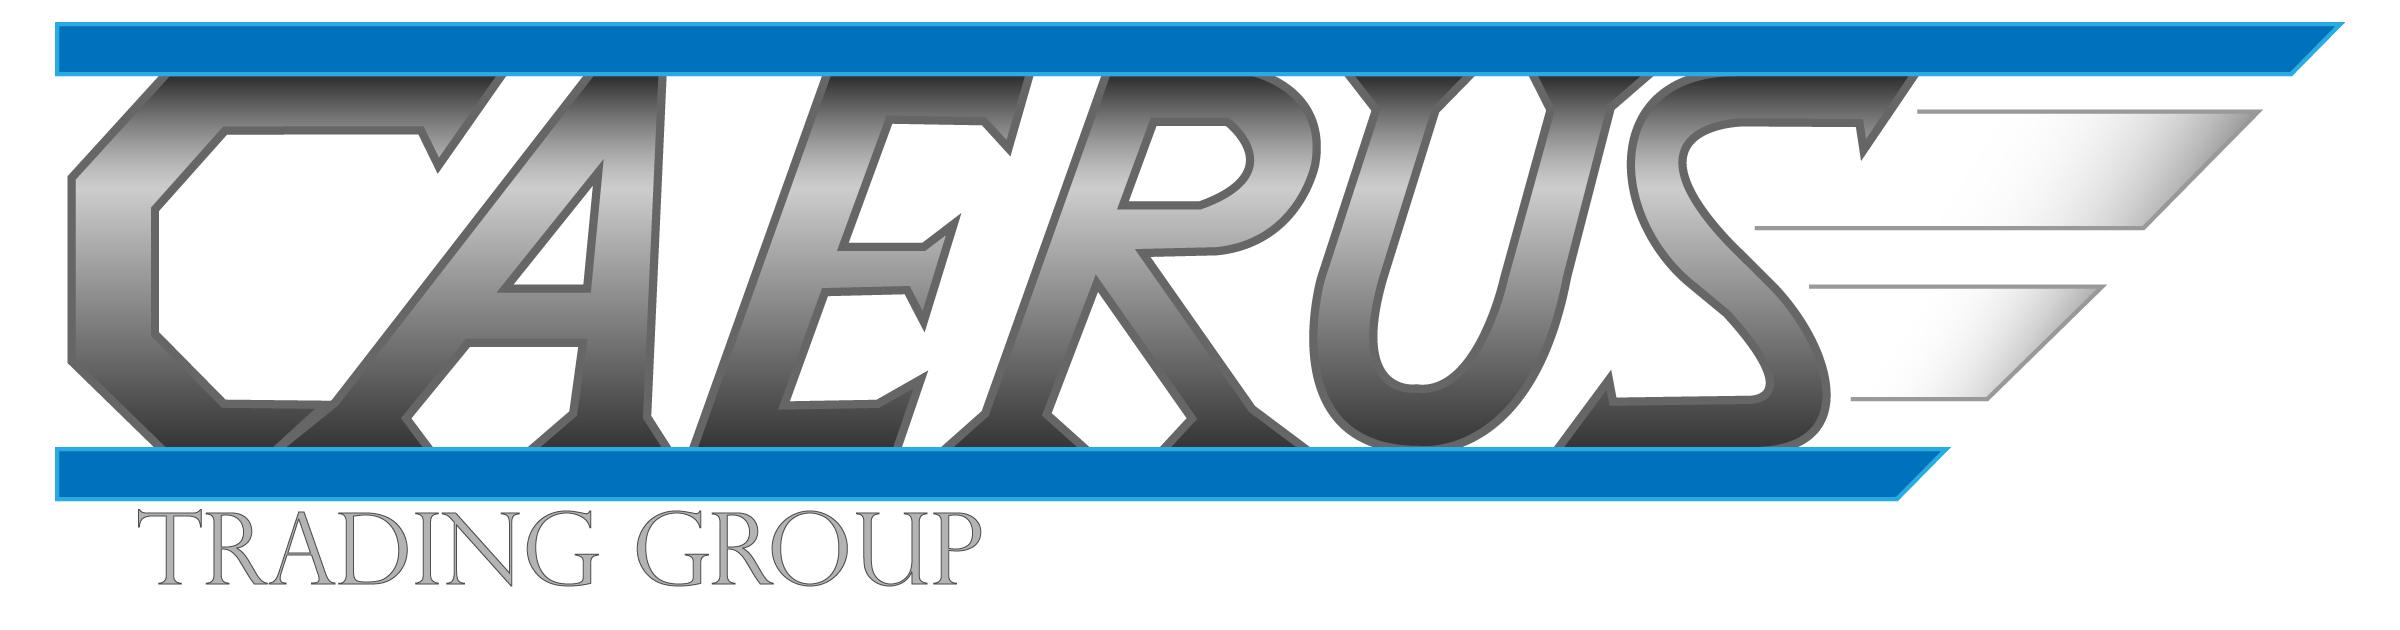 Caerus_logo_white_New